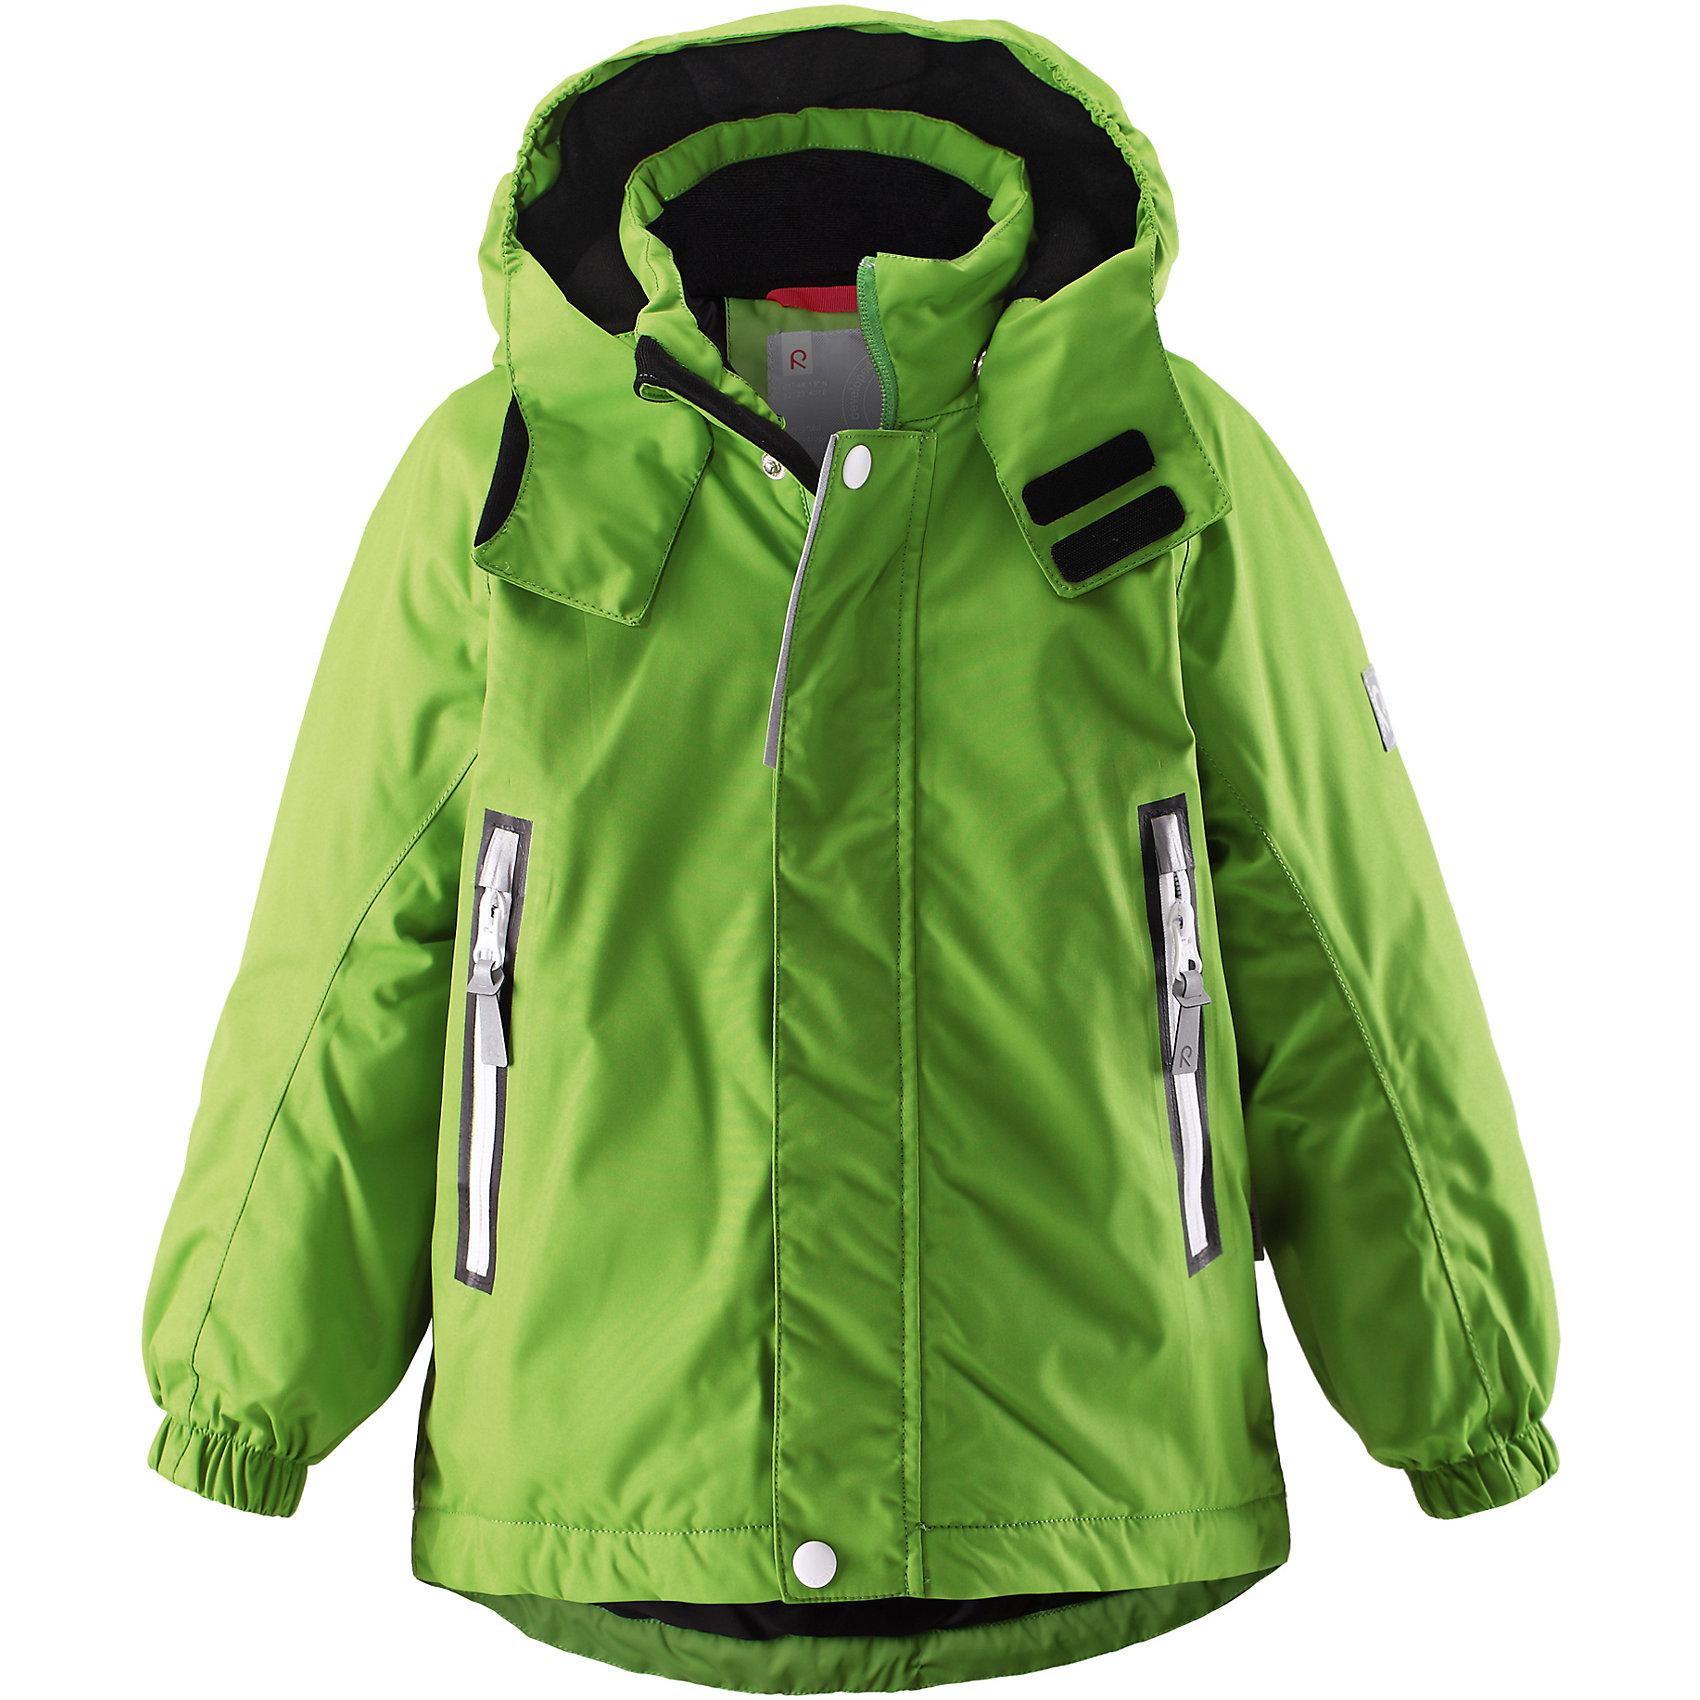 Куртка Chant  Reimatec® ReimaВерхняя одежда<br>Характеристики товара:<br><br>• цвет: зеленый<br>• состав: 100% полиэстер, полиуретановое покрытие<br>• температурный режим: 0° до -20° градусов<br>• утеплитель: 160 г<br>• водонепроницаемая мембрана: от 15000 мм<br>• основные швы проклеены<br>• съёмный капюшон<br>• молния<br>• светоотражающие детали<br>• «дышащий» материал<br>• ветро- водо- и грязеотталкивающий материал<br>• кнопки Reima® Play Layers <br>• карманы<br>• комфортная посадка<br>• страна производства: Китай<br>• страна бренда: Финляндия<br><br>Верхняя одежда для детей может быть модной и комфортной одновременно! Эти зимняя куртка поможет обеспечить ребенку комфорт и тепло. Она отлично смотрится с различной одеждой и обувью. Изделие удобно сидит и модно выглядит. Стильный дизайн разрабатывался специально для детей. Отличный вариант для активного отдыха зимой!<br><br>Одежда и обувь от финского бренда Reima пользуется популярностью во многих странах. Эти изделия стильные, качественные и удобные. Для производства продукции используются только безопасные, проверенные материалы и фурнитура. Порадуйте ребенка модными и красивыми вещами от Reima! <br><br>Куртку Chant от финского бренда Reimatec® Reima (Рейма) можно купить в нашем интернет-магазине.<br><br>Ширина мм: 356<br>Глубина мм: 10<br>Высота мм: 245<br>Вес г: 519<br>Цвет: зеленый<br>Возраст от месяцев: 18<br>Возраст до месяцев: 24<br>Пол: Унисекс<br>Возраст: Детский<br>Размер: 92,98<br>SKU: 5415503